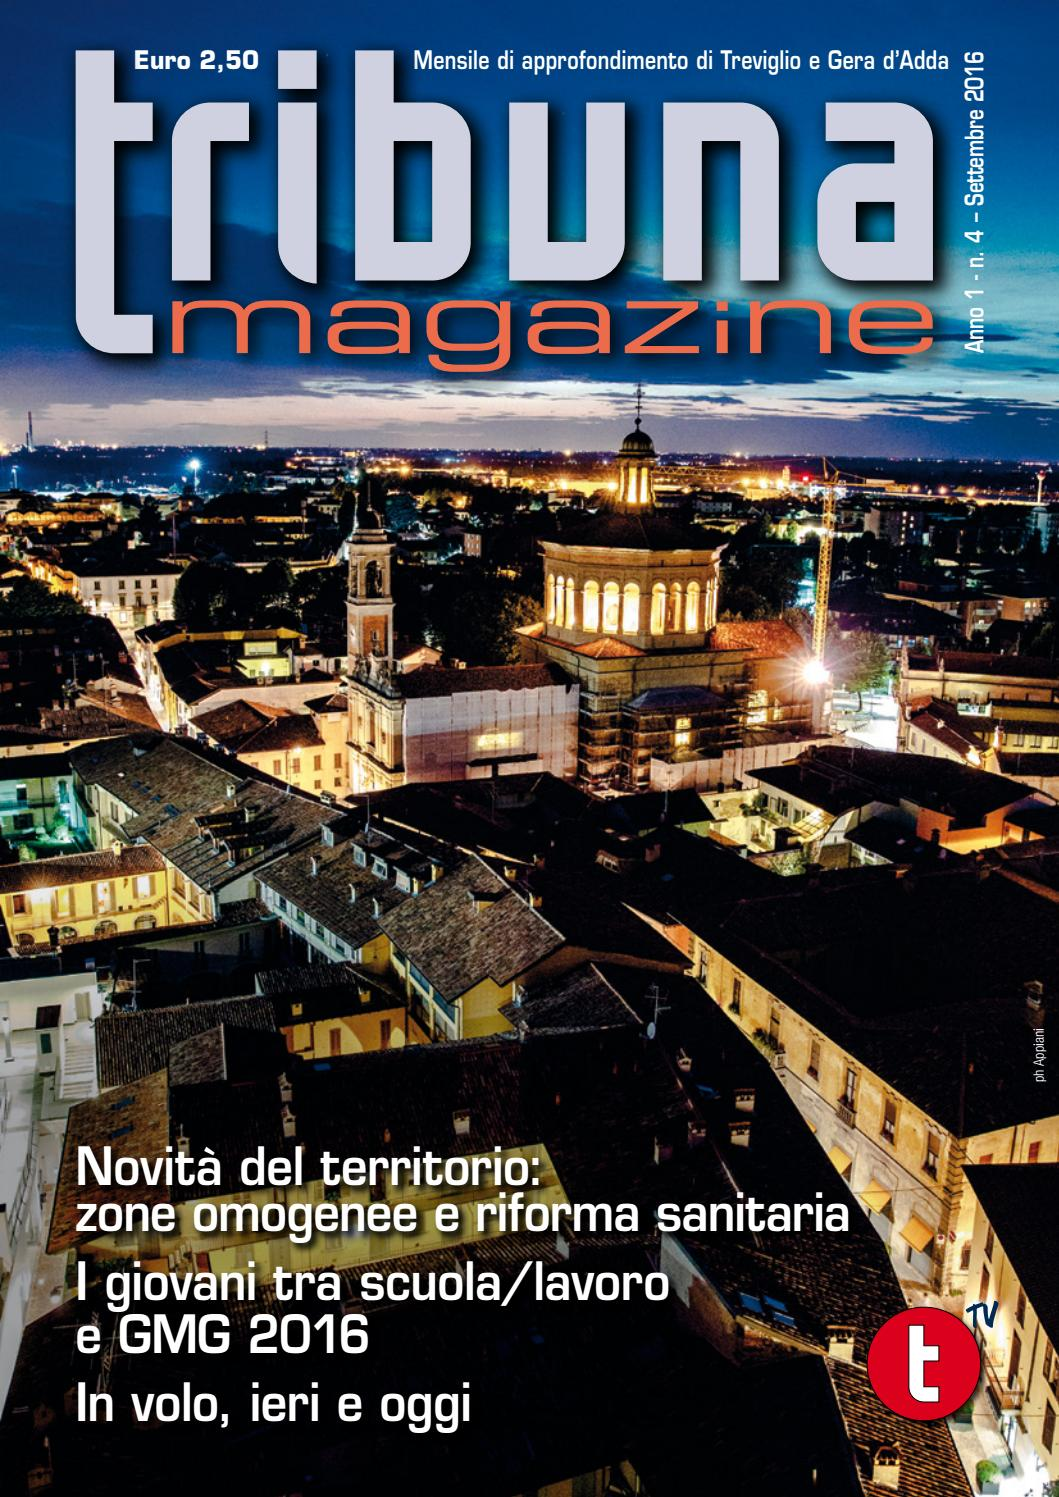 Forma E Colori Treviglio tribuna magazine 2016 09 by lanuovatribuna - issuu